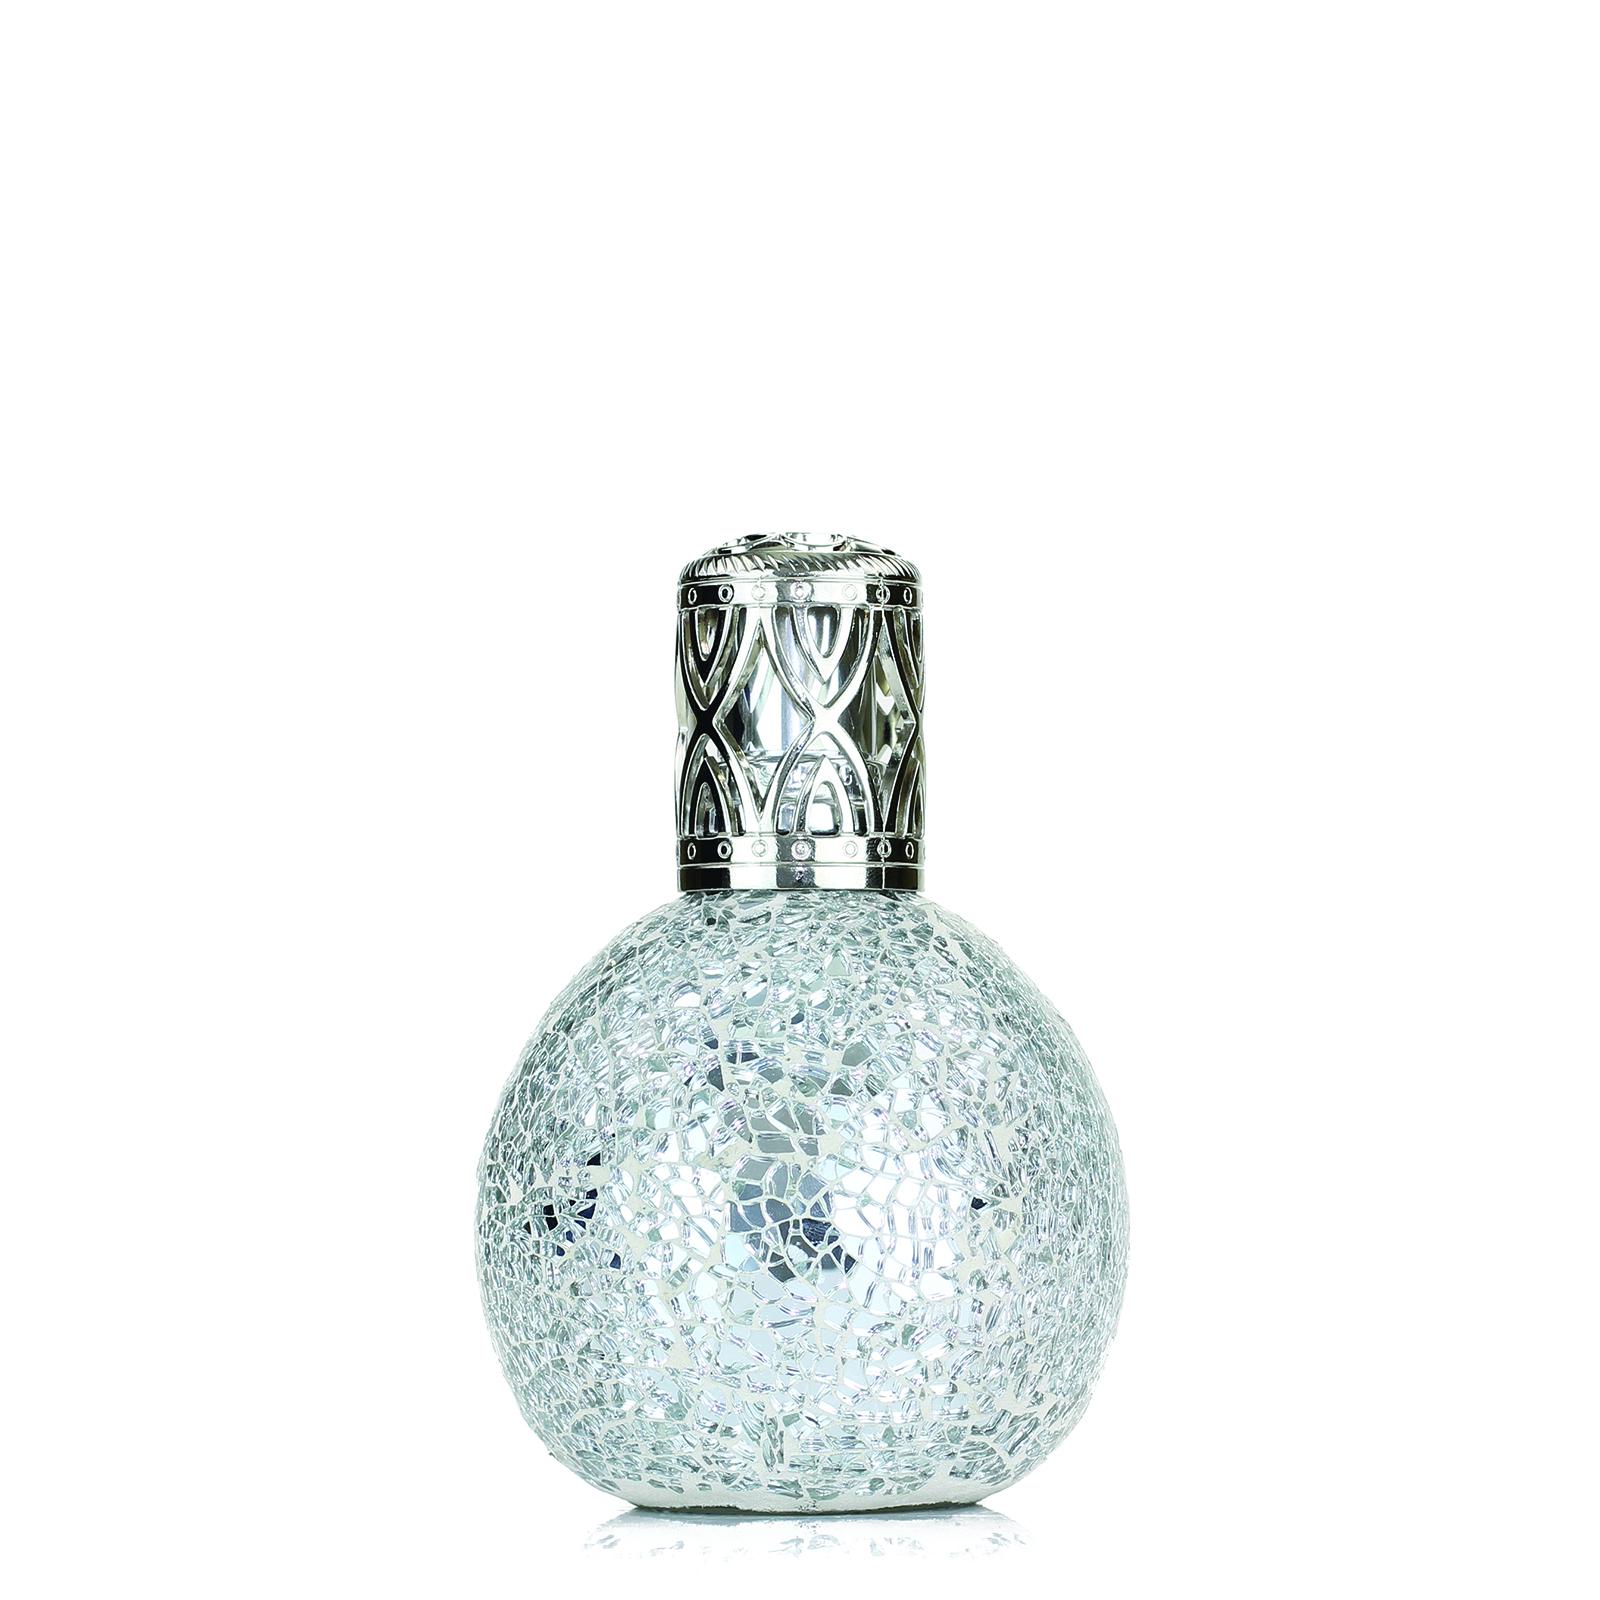 Ashleigh & Burwood: Fragrance Lamp - Paradiso Large